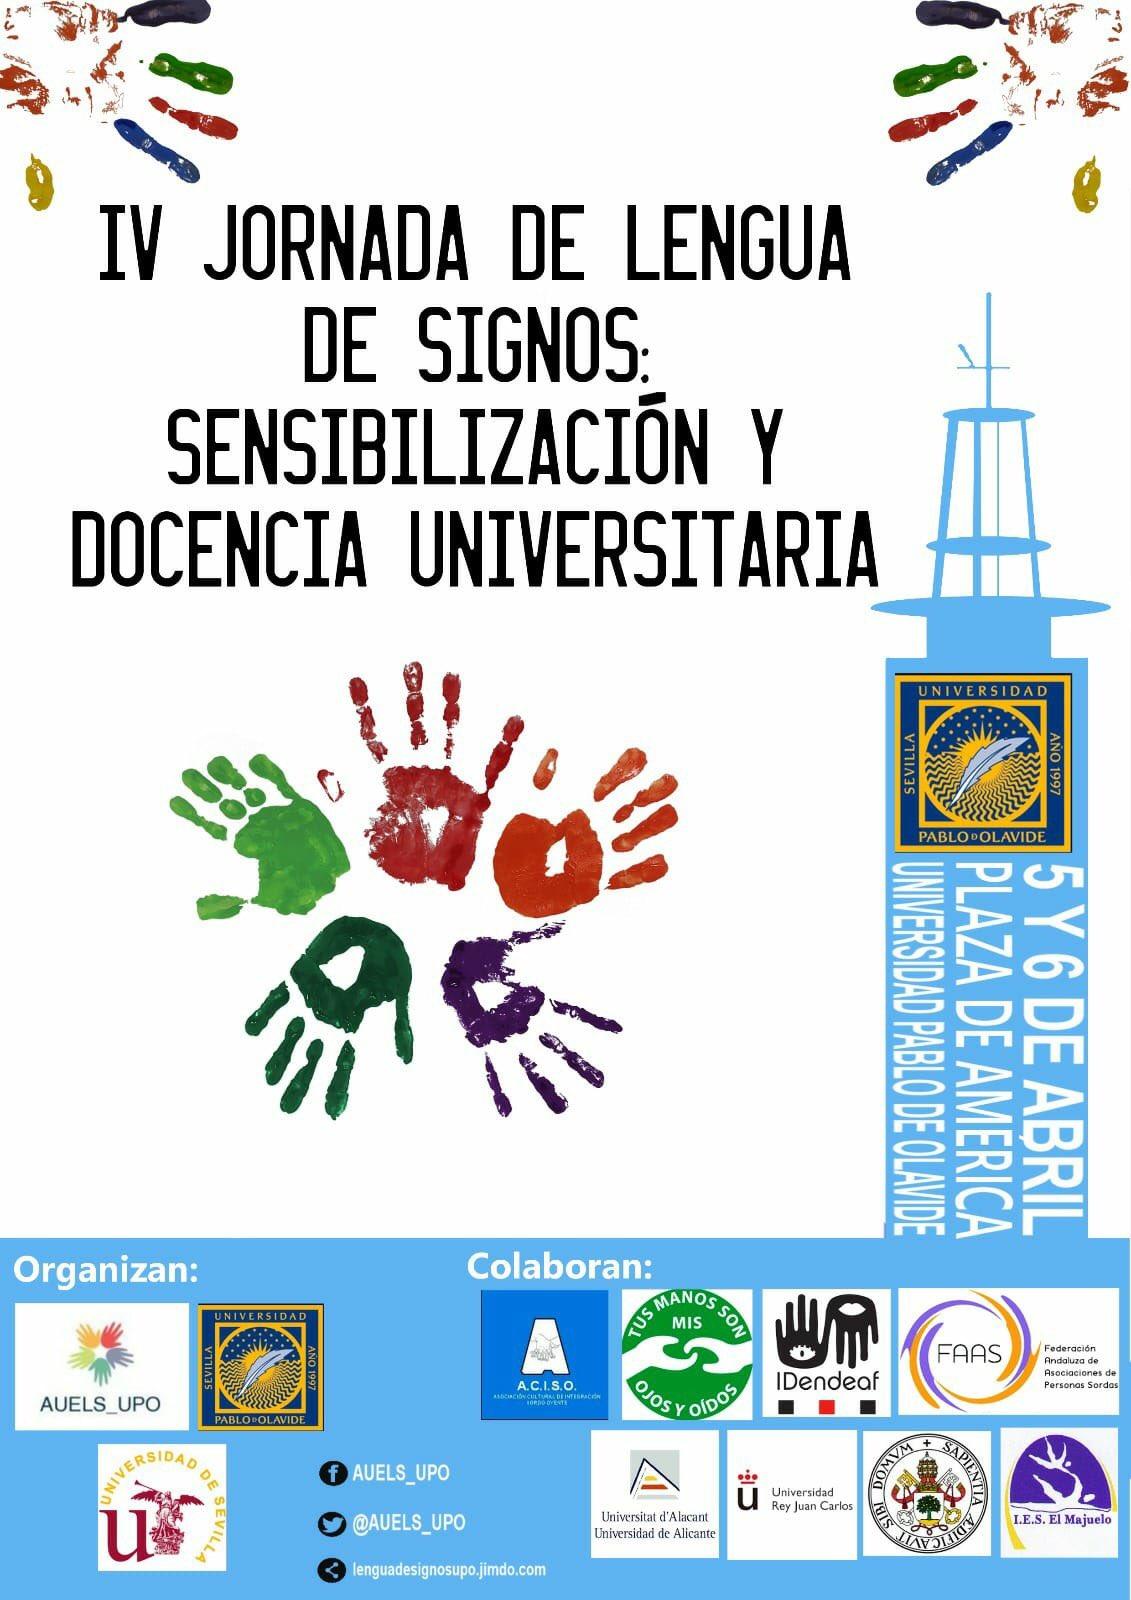 IV Jornadas de lengua de signos: docencia universitaria y sensibilización - Sevilla 5 y 6 de abril 2018 DXeYg1TW0AARdPQ